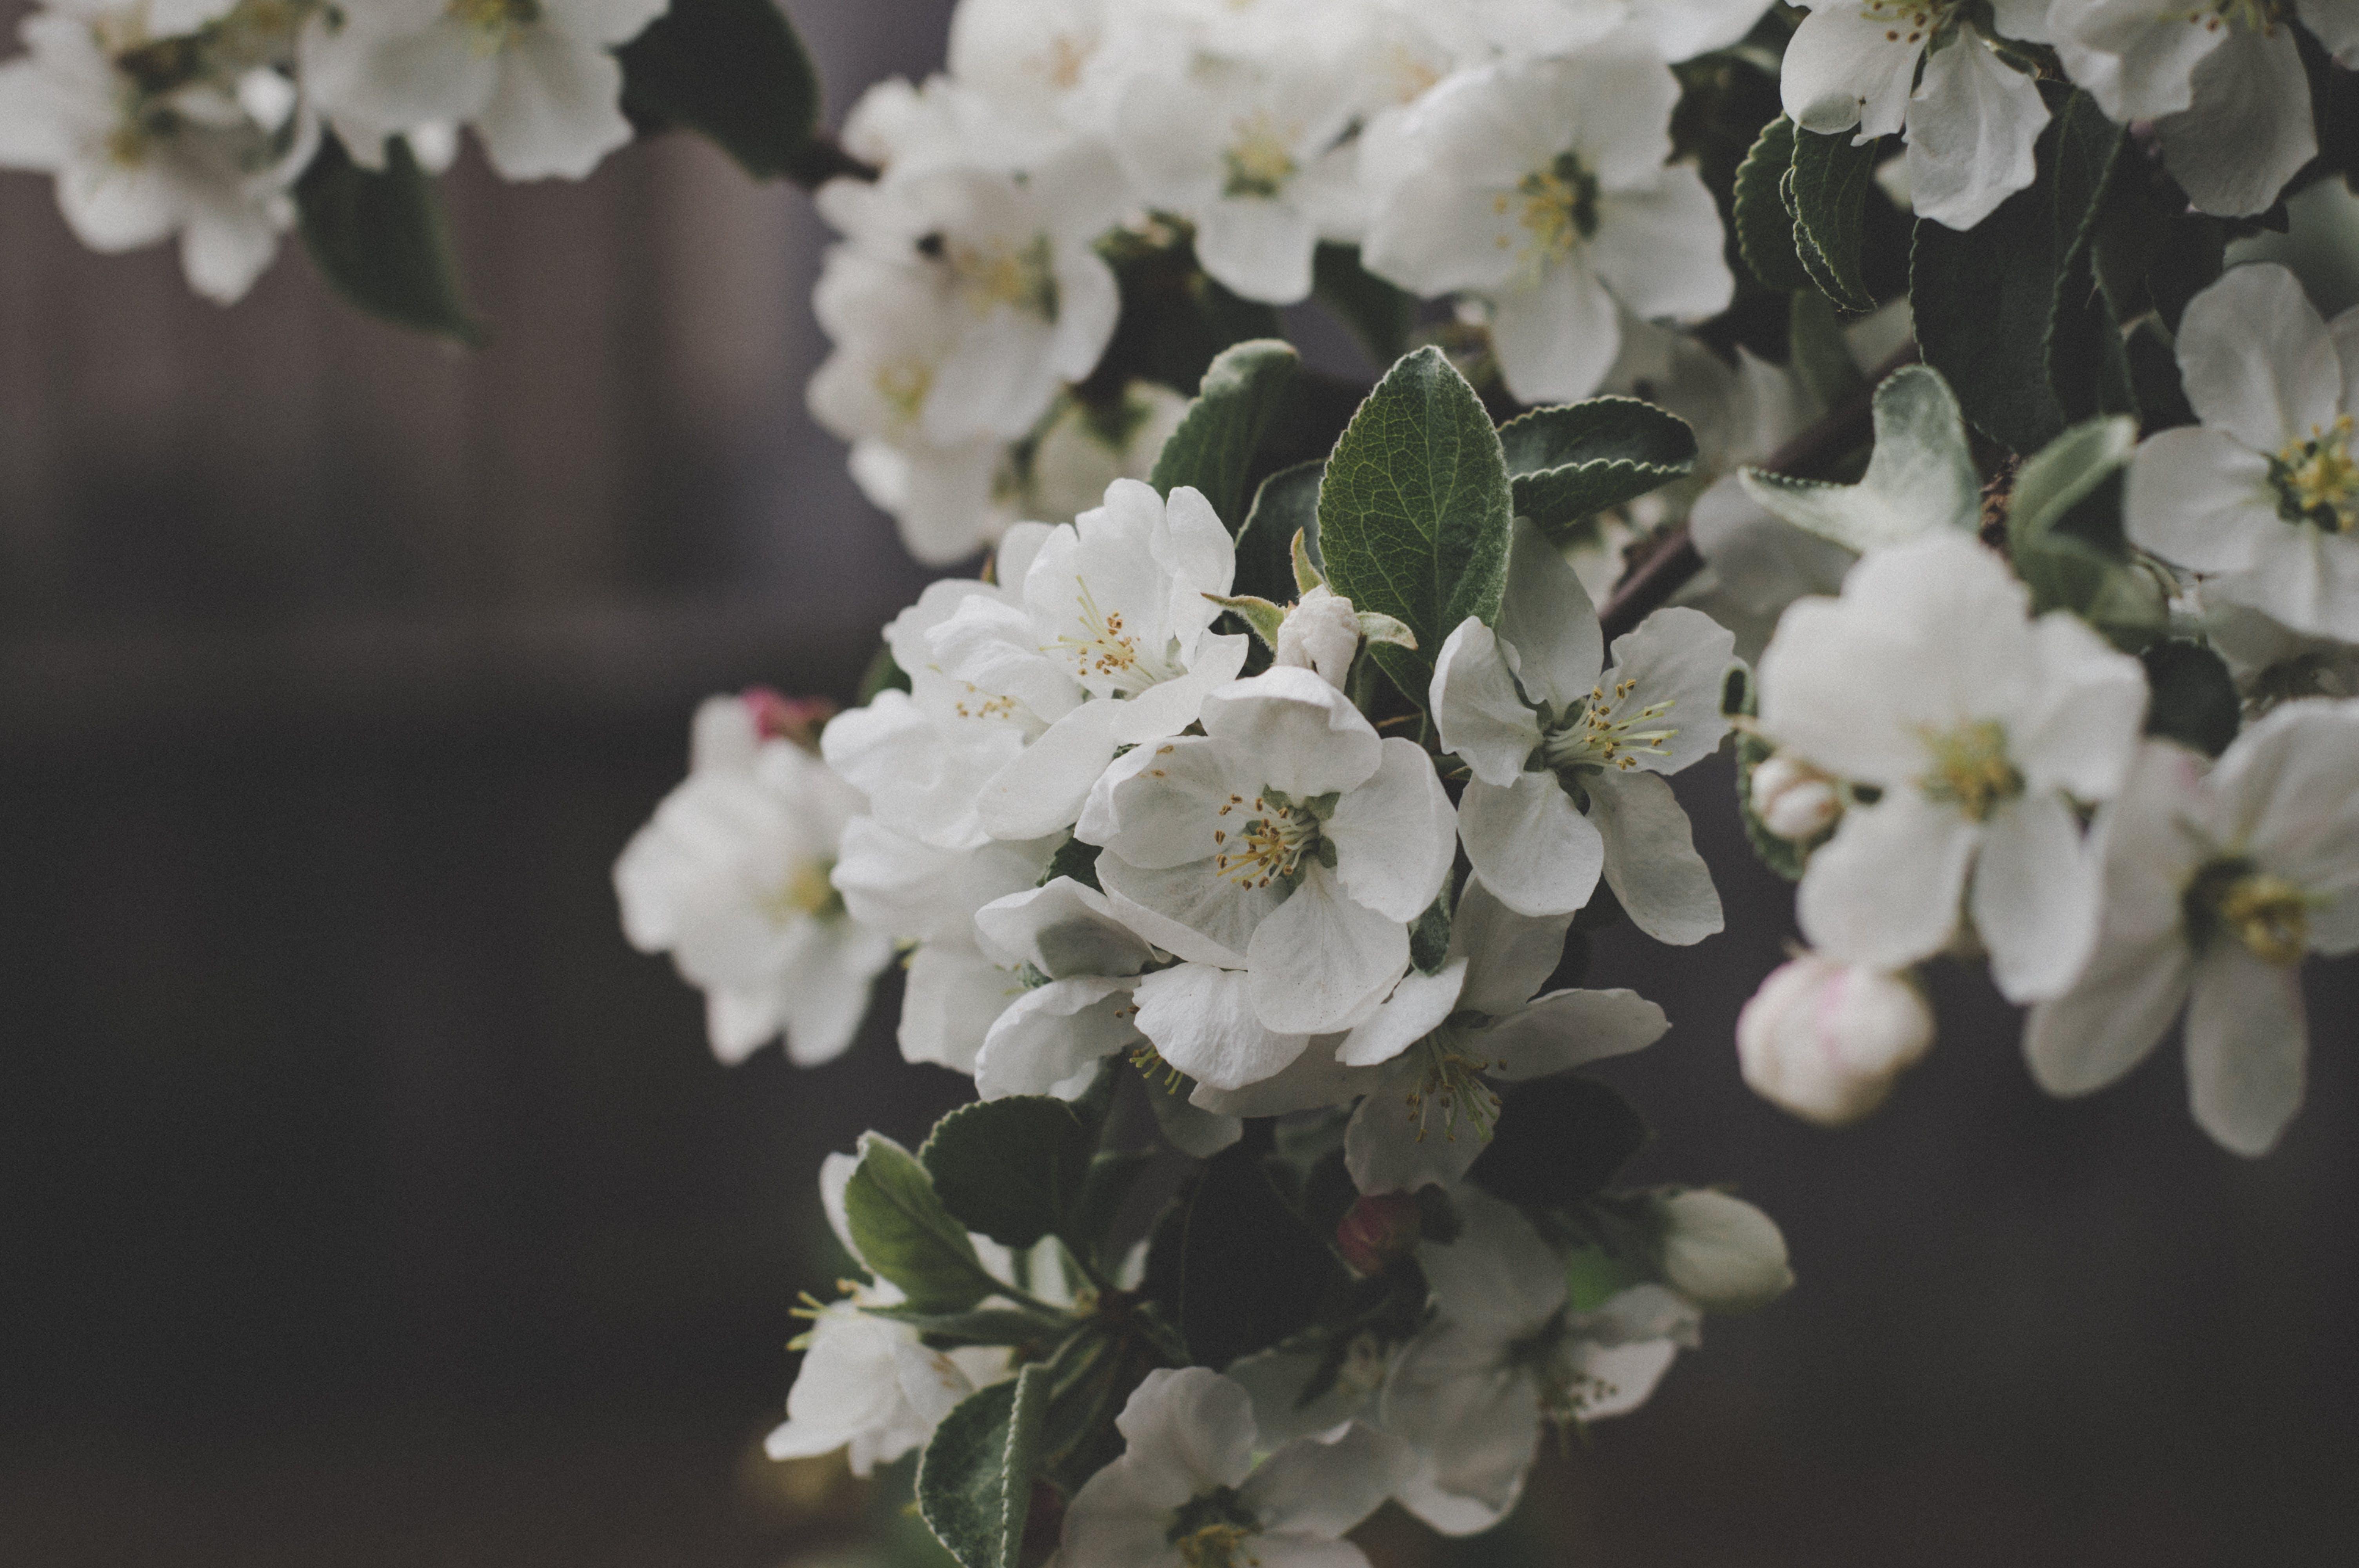 White Flowers Macro Shot